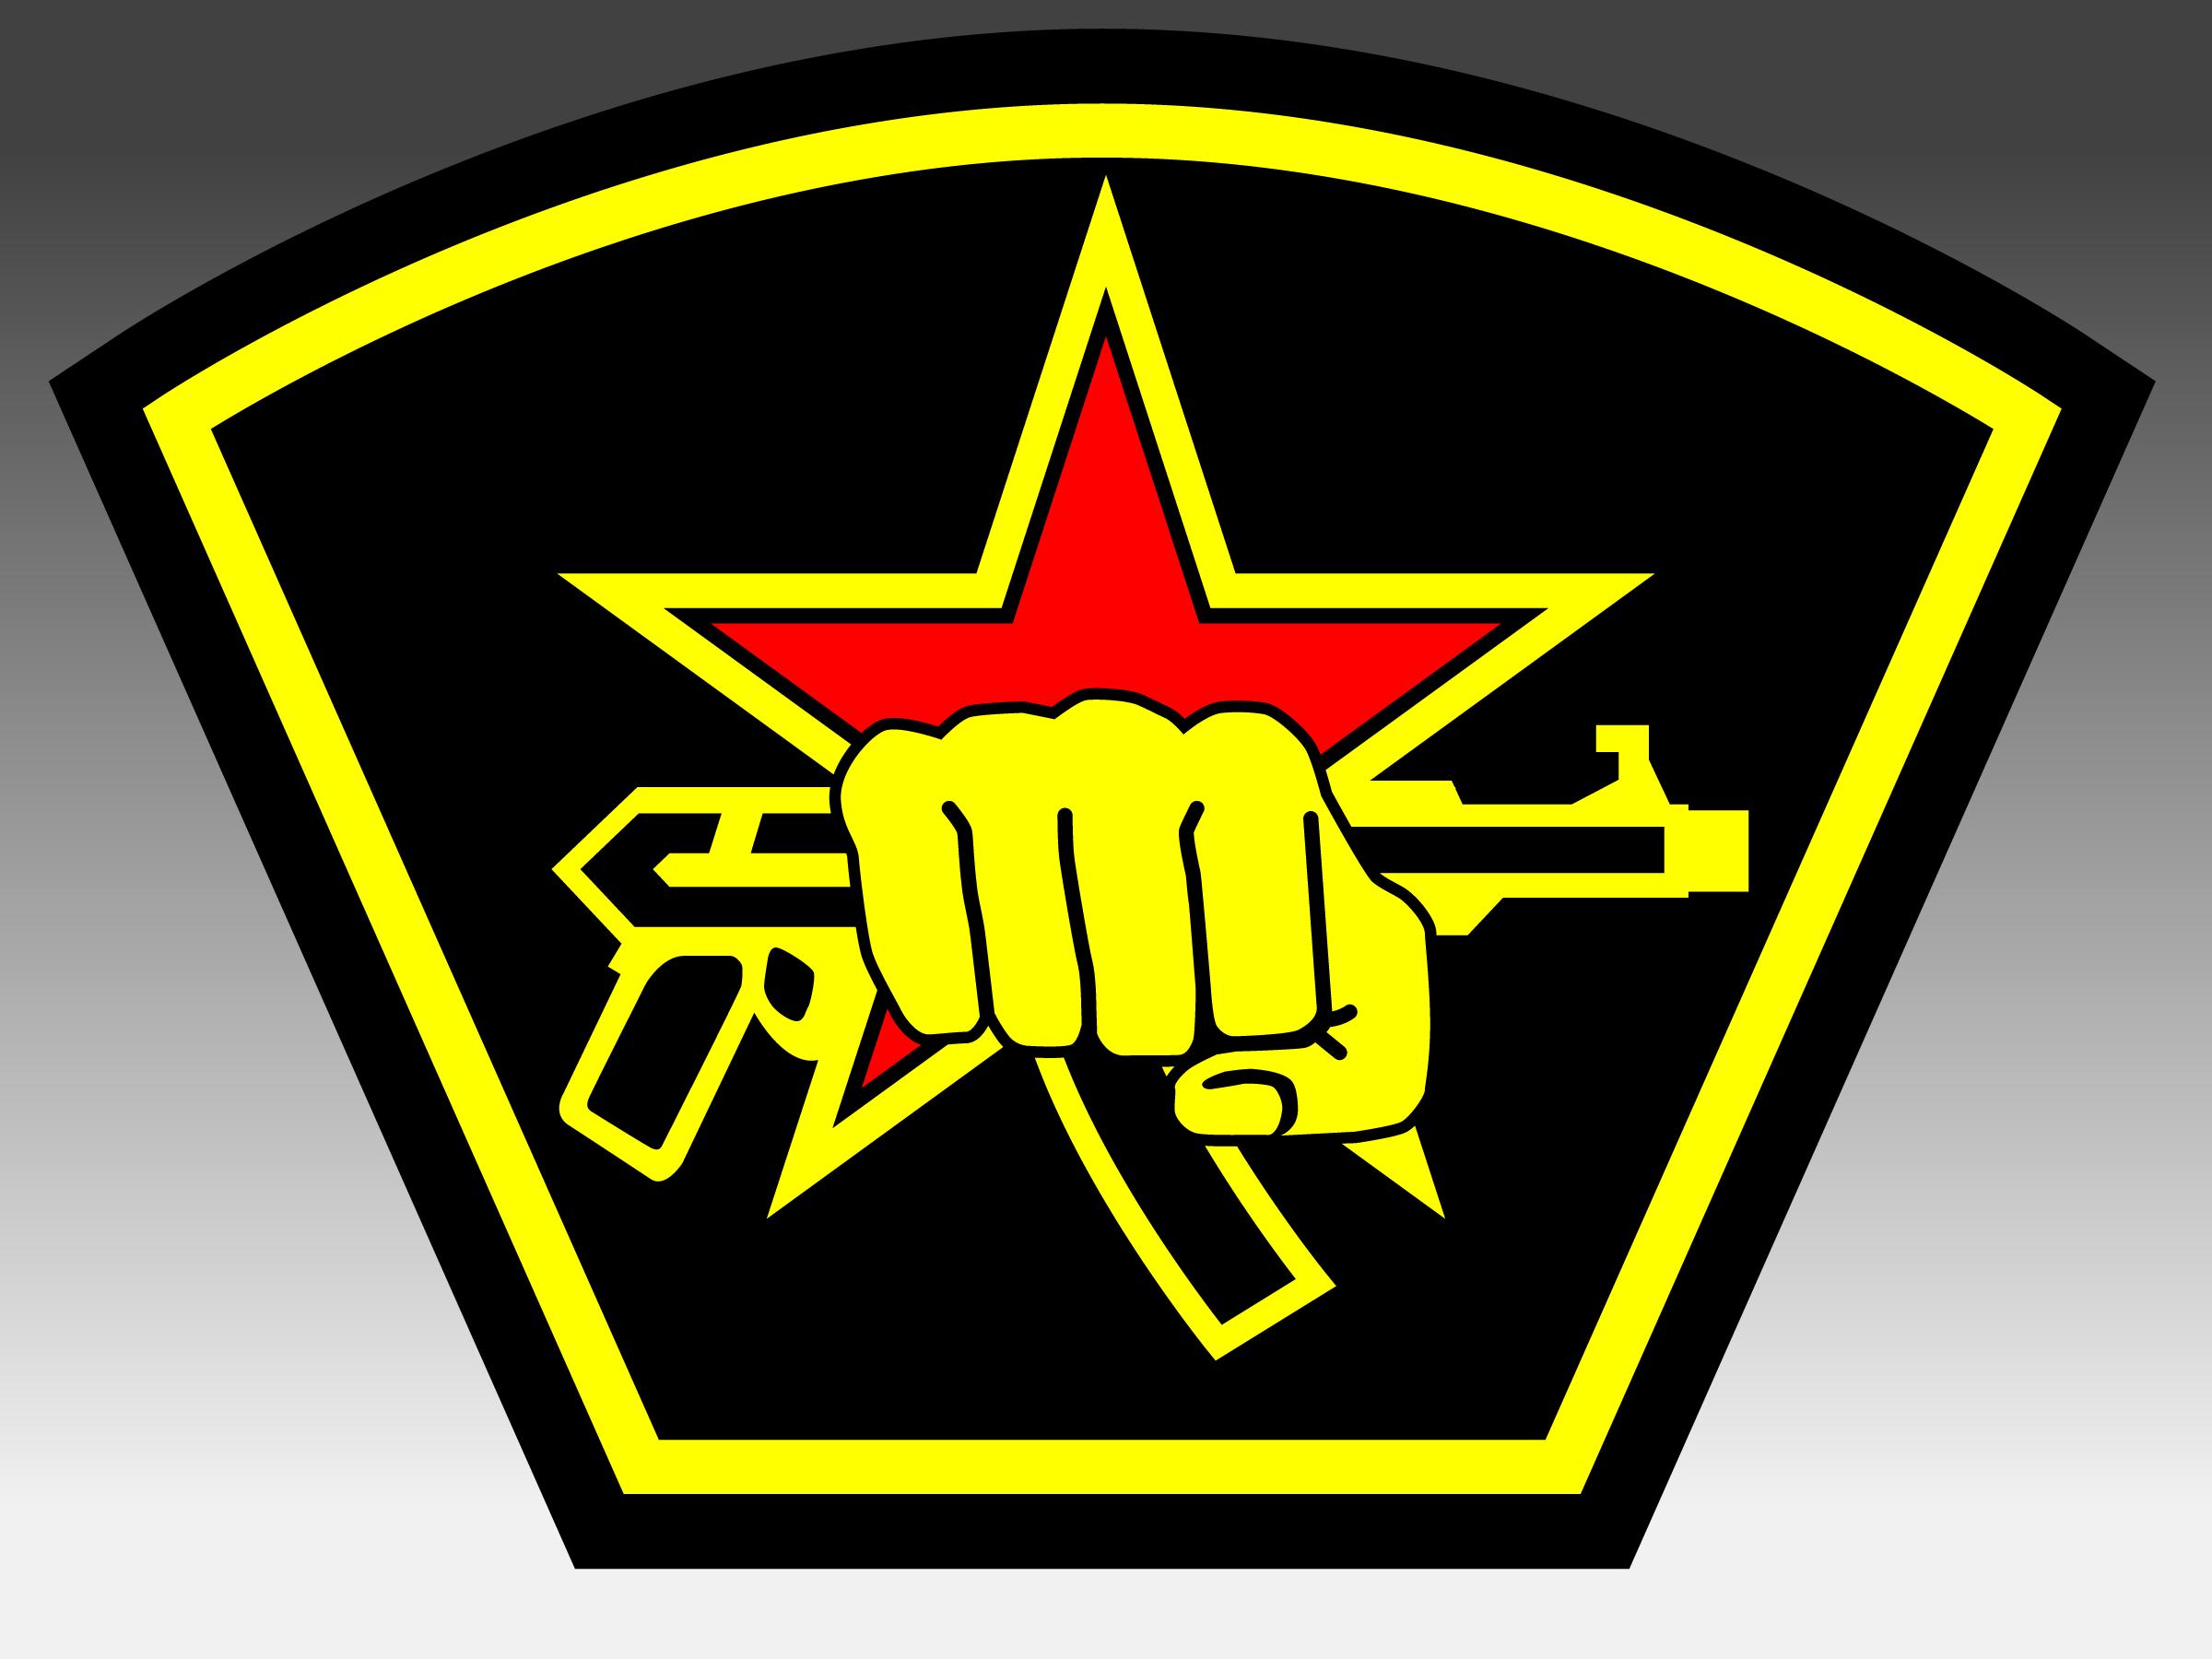 Official Spetsnaz Logo Spetsnaz Shoulder Patch by